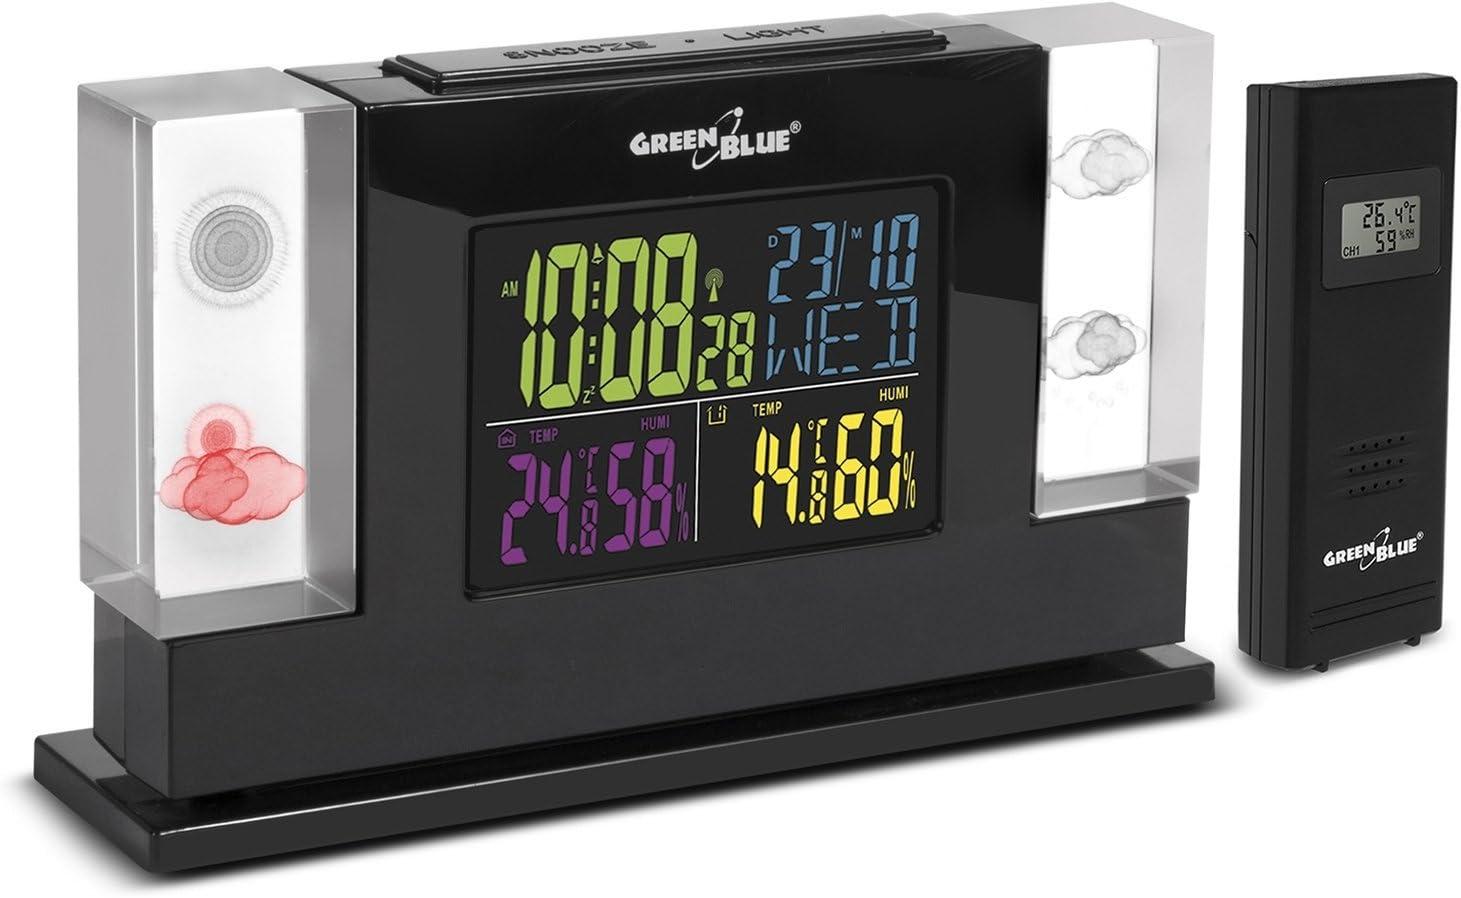 Estación meteorológica con Radio y Holograma de Cristal 3D GreenBlue GB140 con Sensor Exterior/Reloj Despertador/Fuente de alimentación, Negro